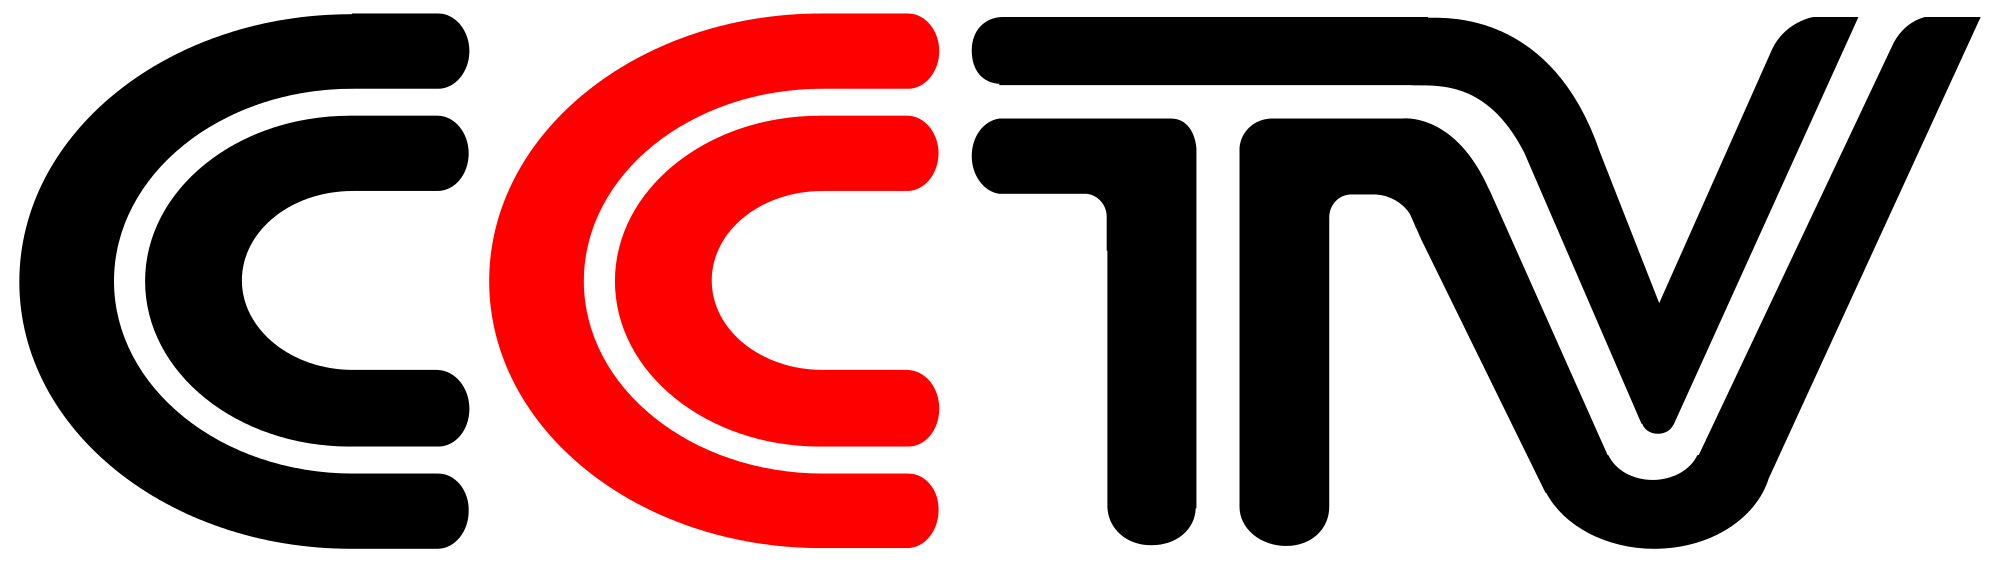 Cele mai bune 59 imagini din TV logo | Sporturi, Programare